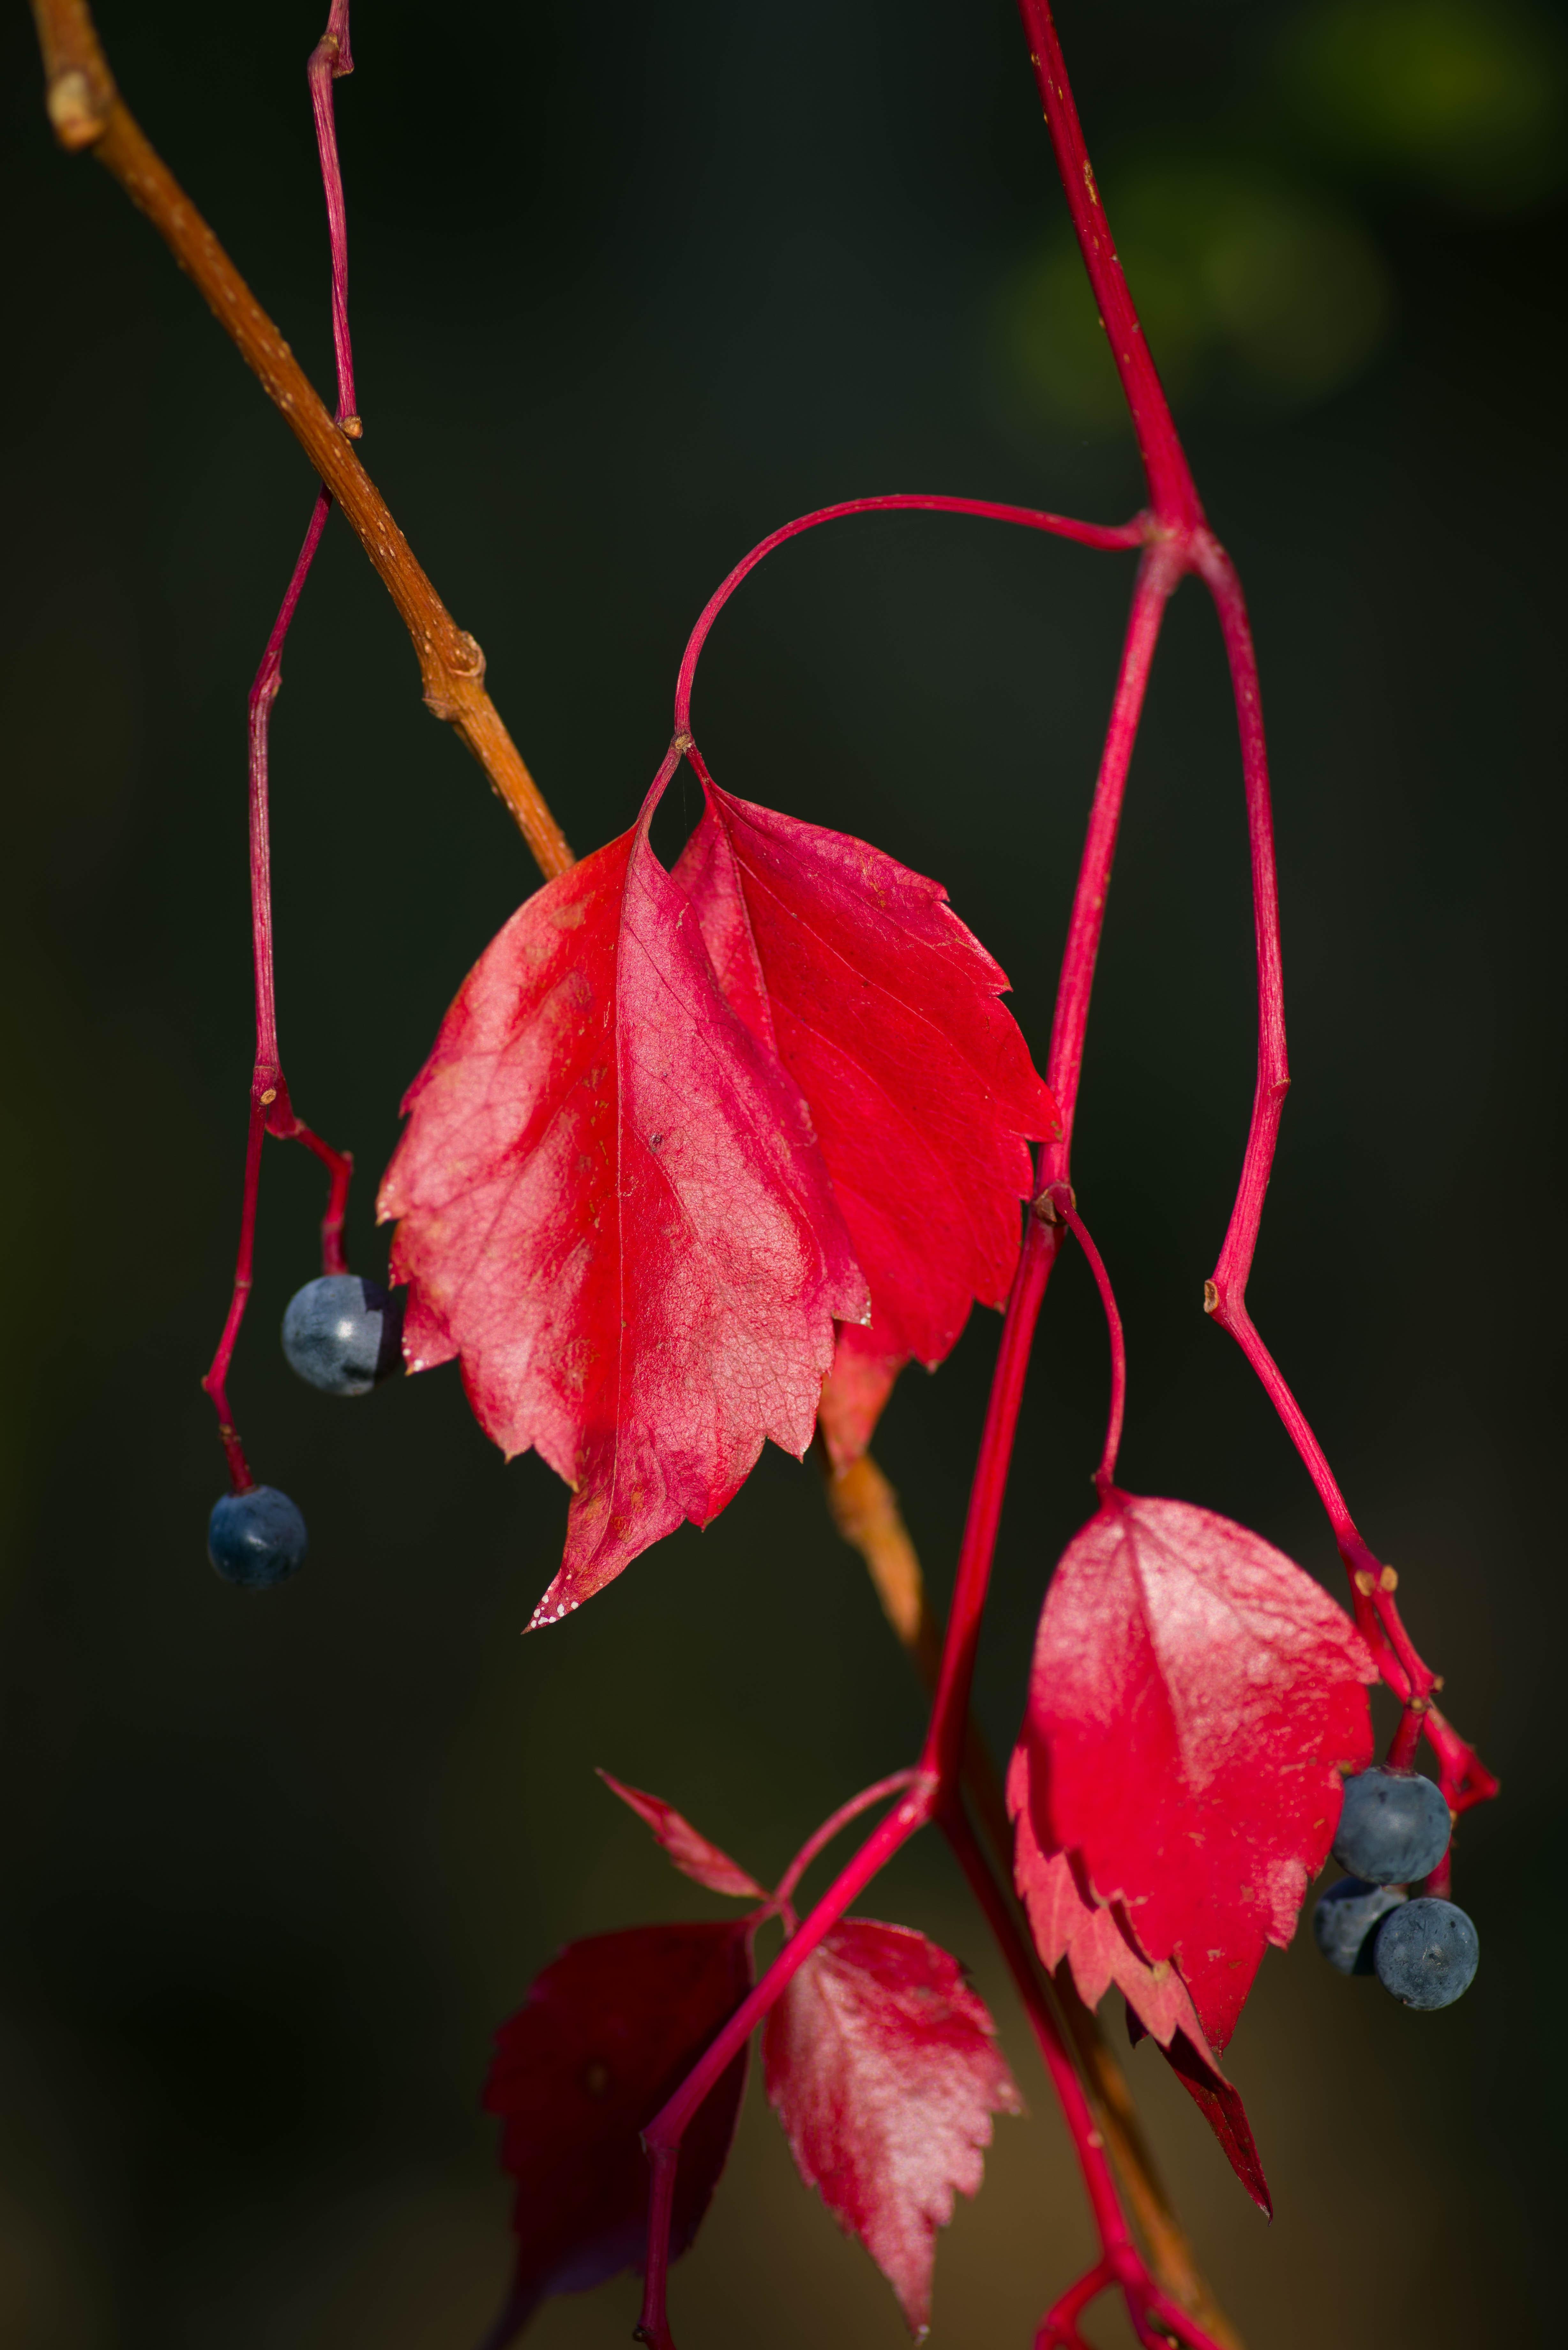 114815 скачать обои Макро, Дикий Виноград, Листья, Растение, Красный, Ягоды - заставки и картинки бесплатно